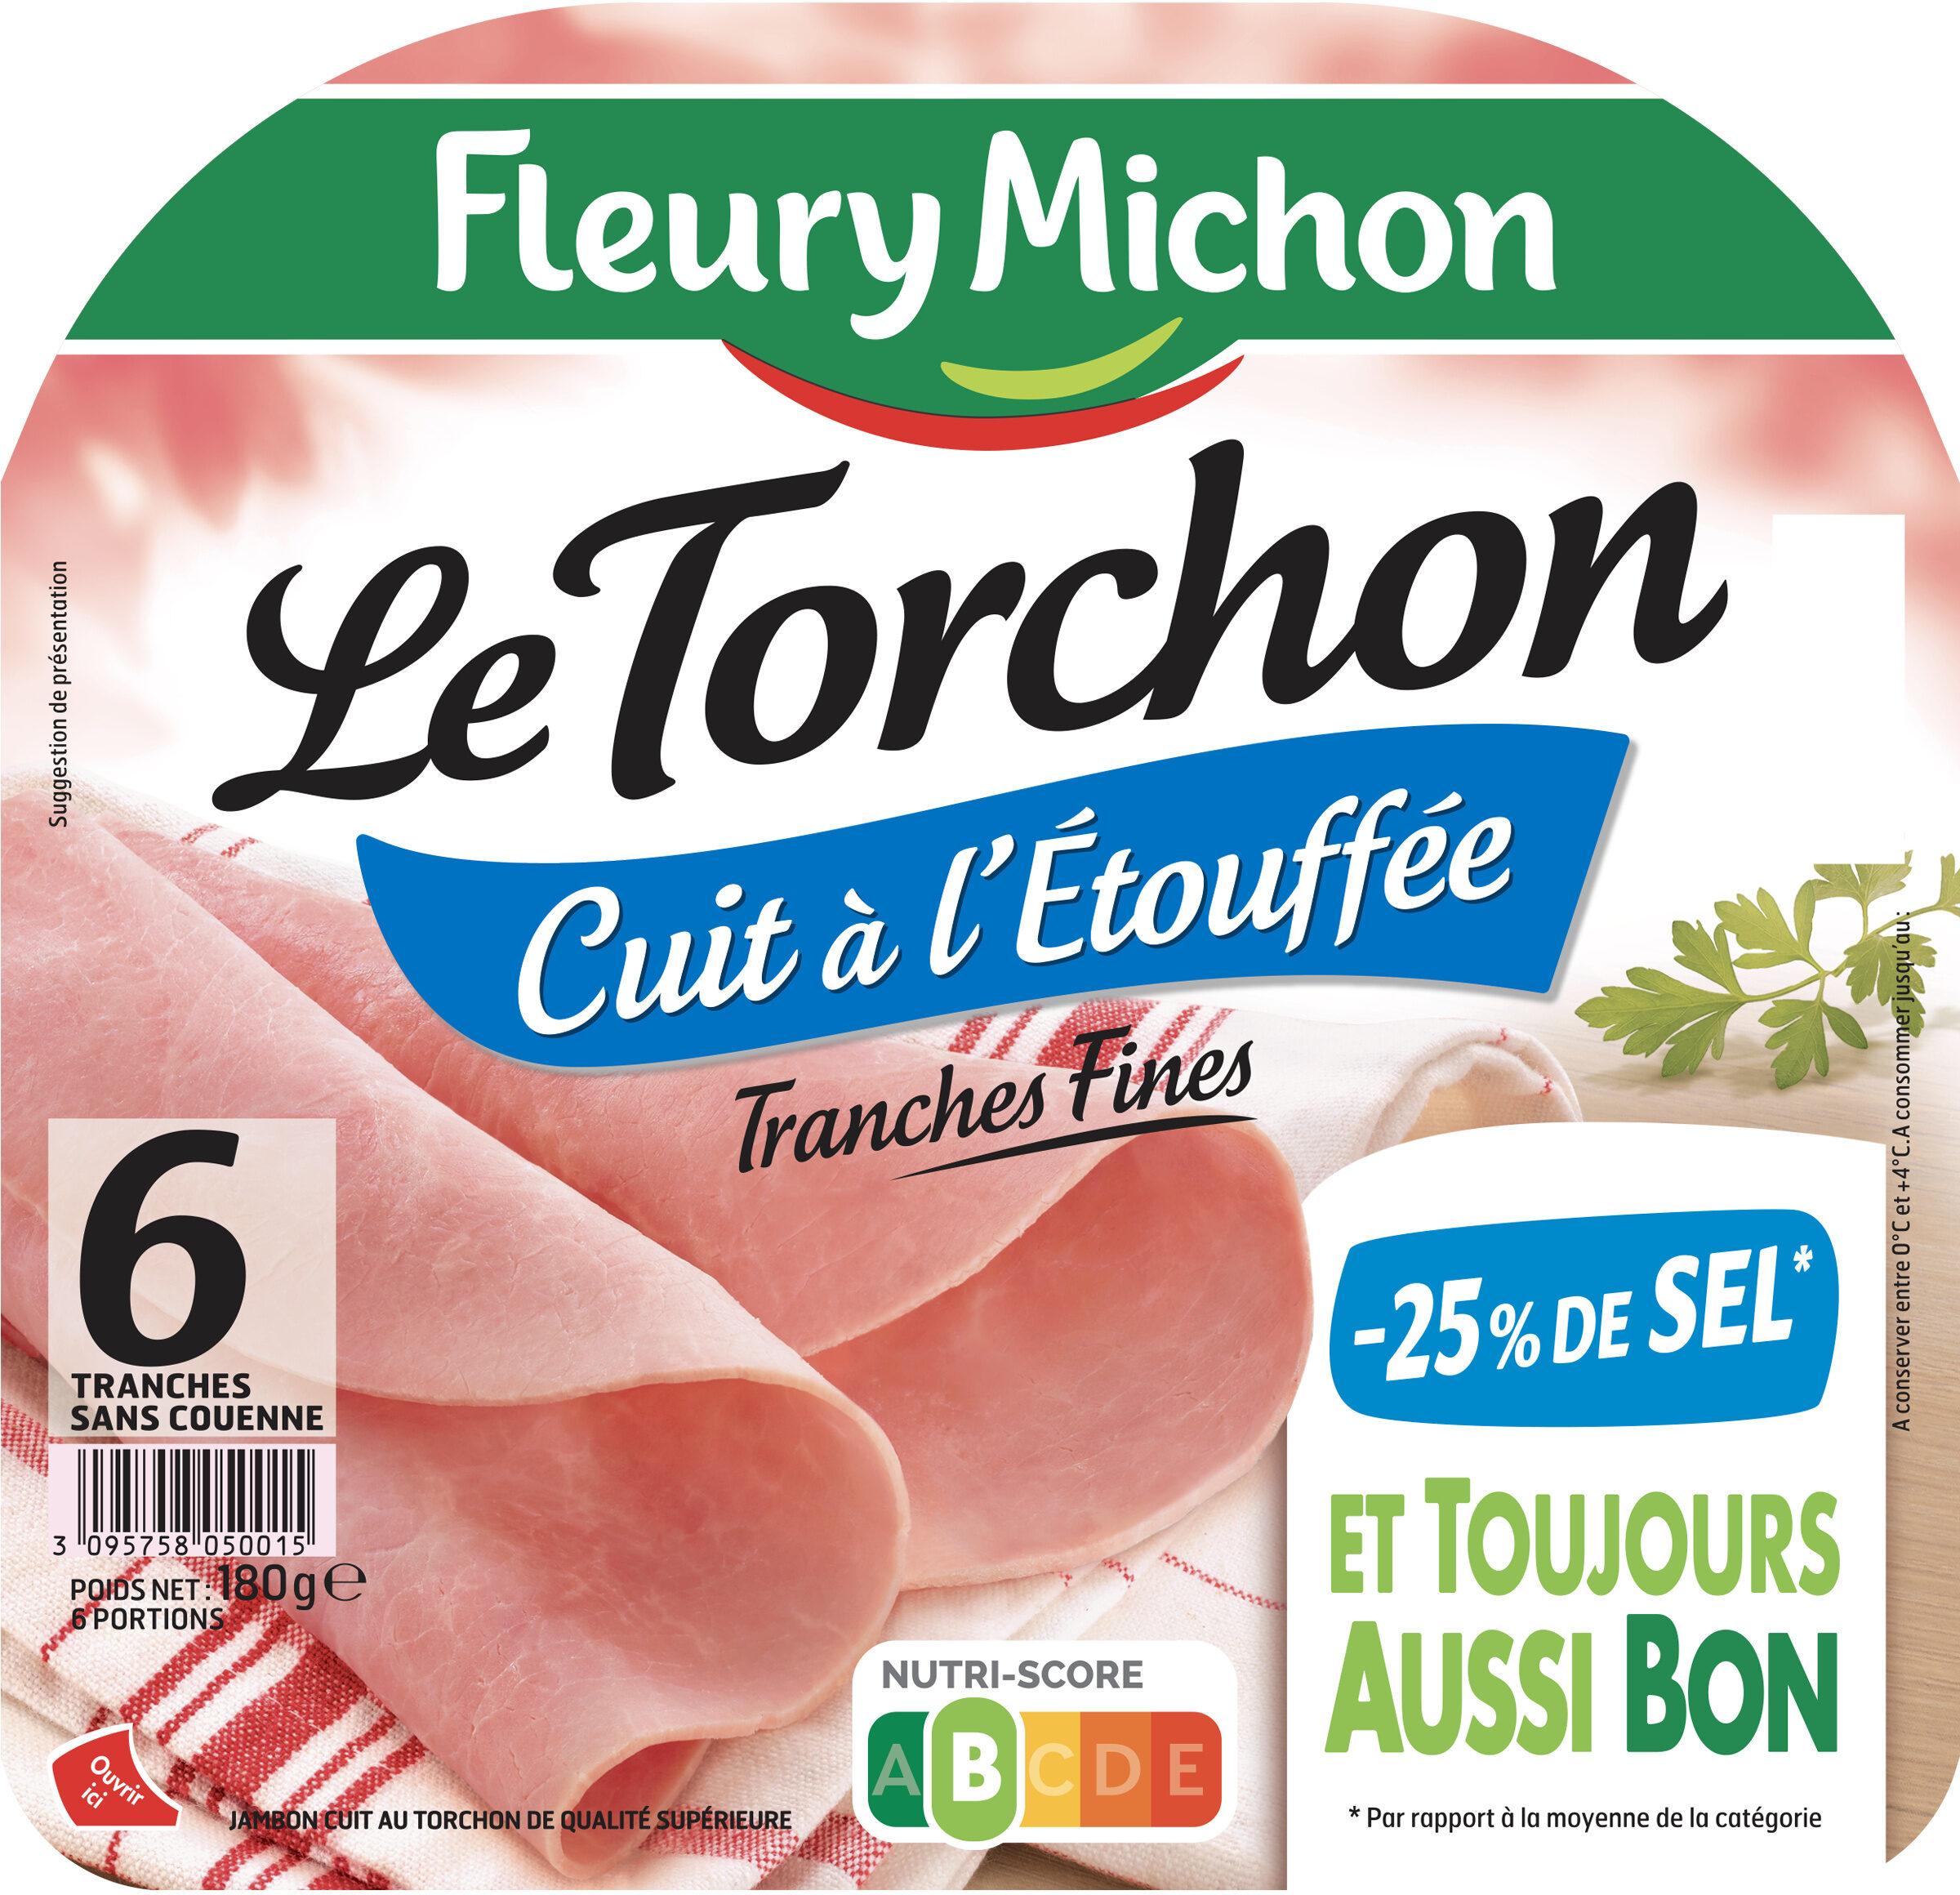 Le torchon cuit à l'étouffée - tranches fines - 25% de sel* - 6 tranches - Product - fr